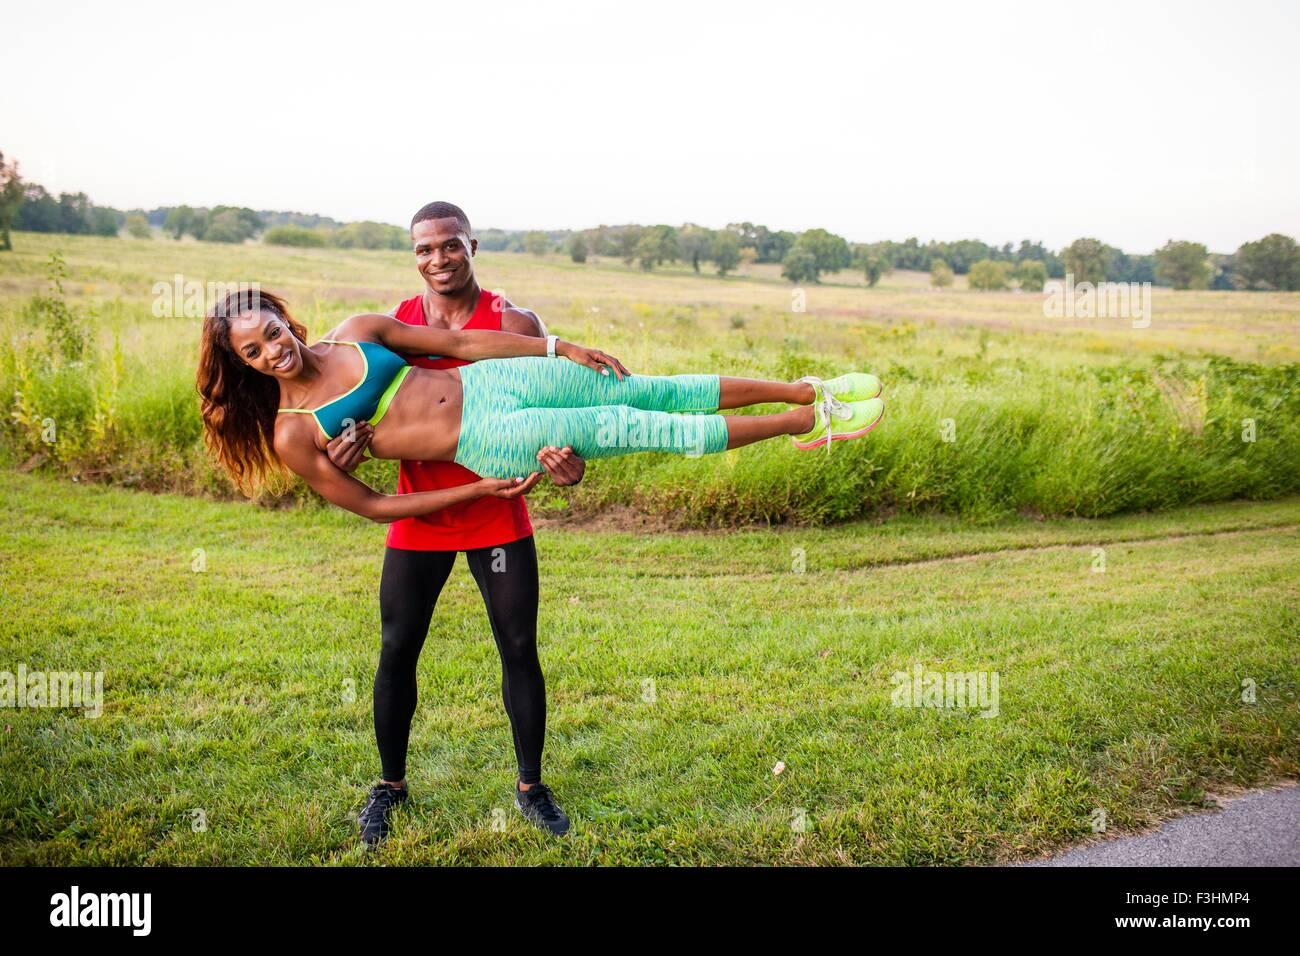 Junger Mann Training hält Freundin horizontal Stockbild